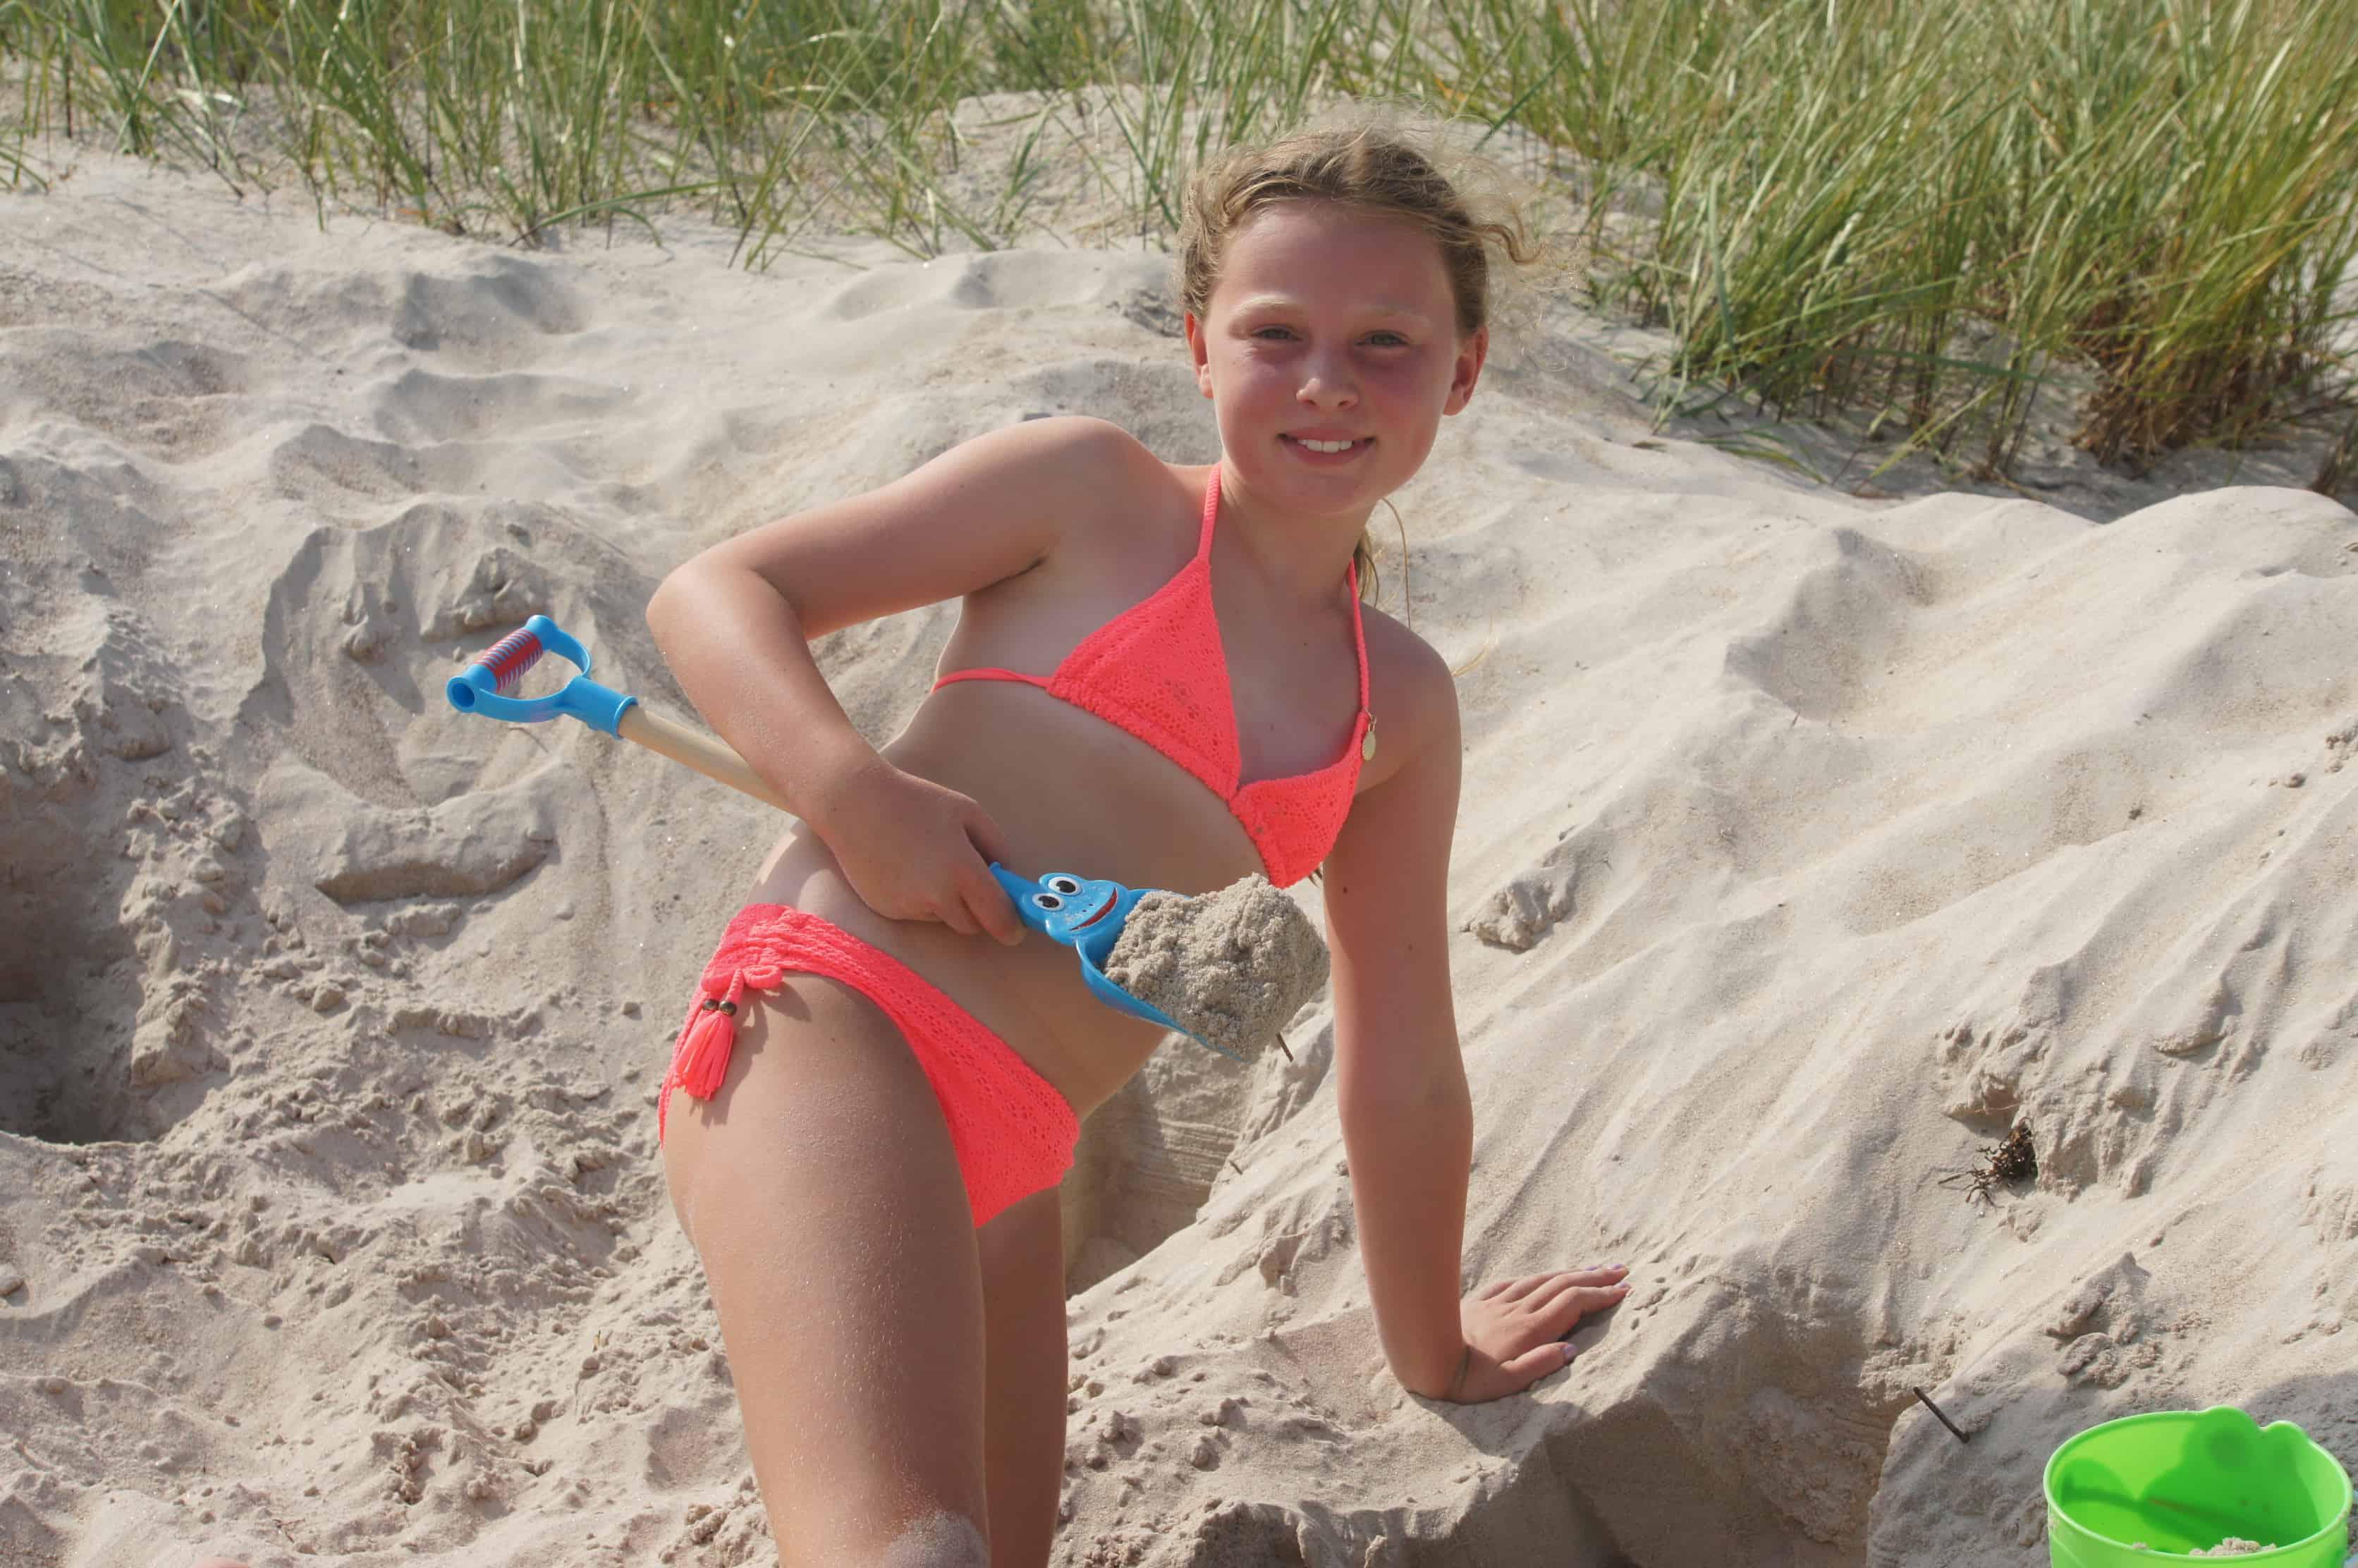 ÖLAND, holiday, vacation, bikini, nude, tillsammanstid